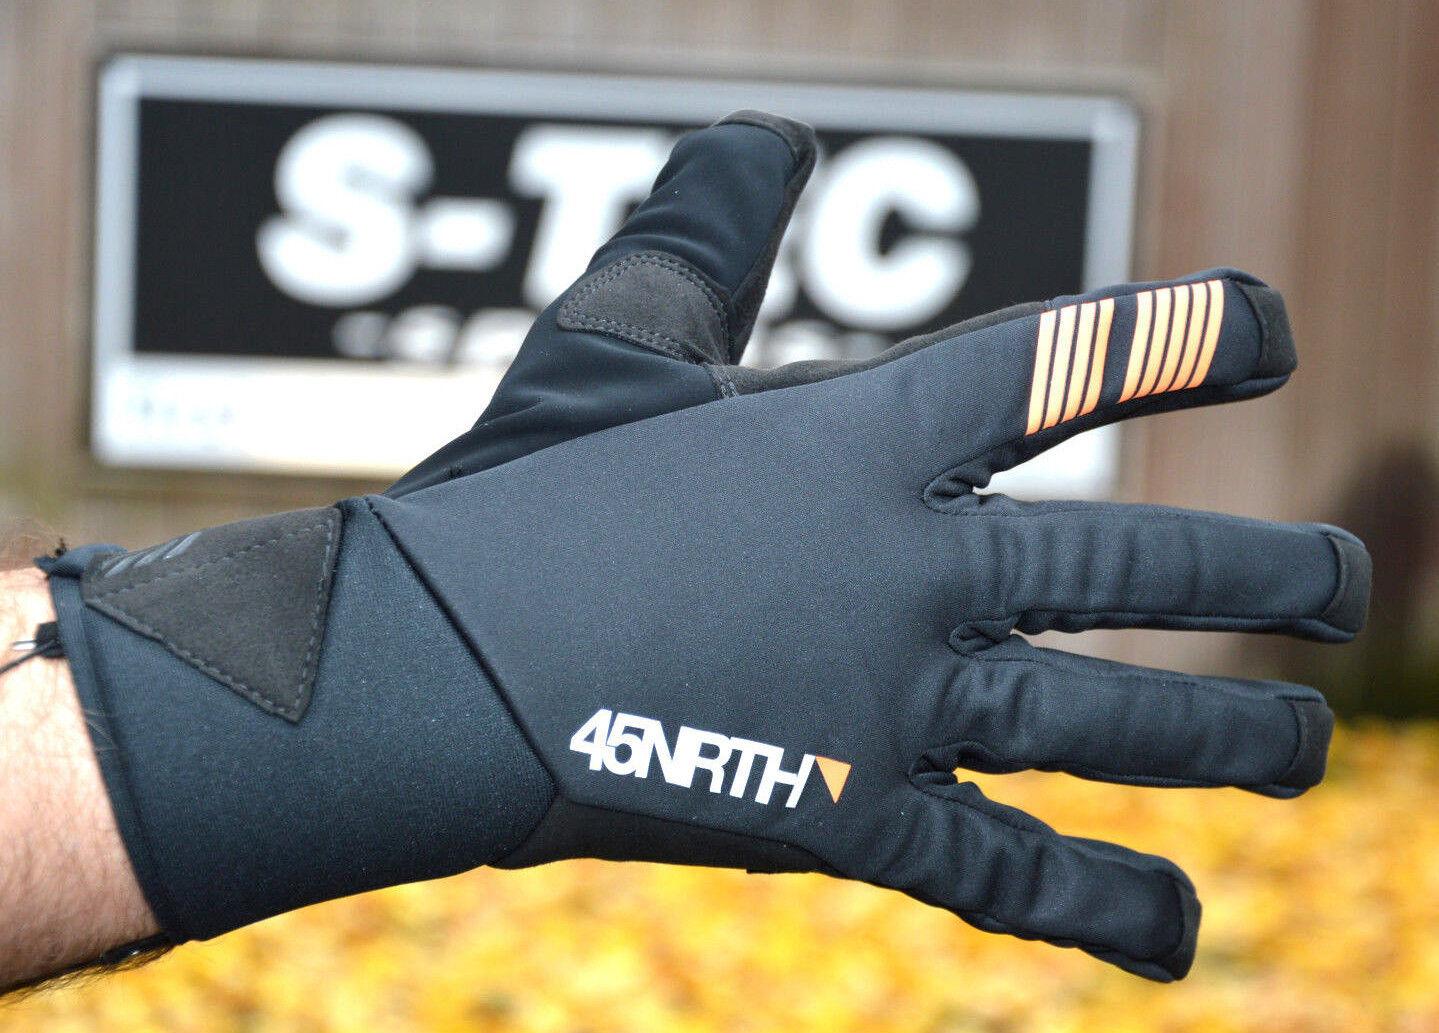 45nrth 45nrth 45nrth Nokken Transizione Guanti Cqua + Anti-vento Indoor Merino Collant 100efe